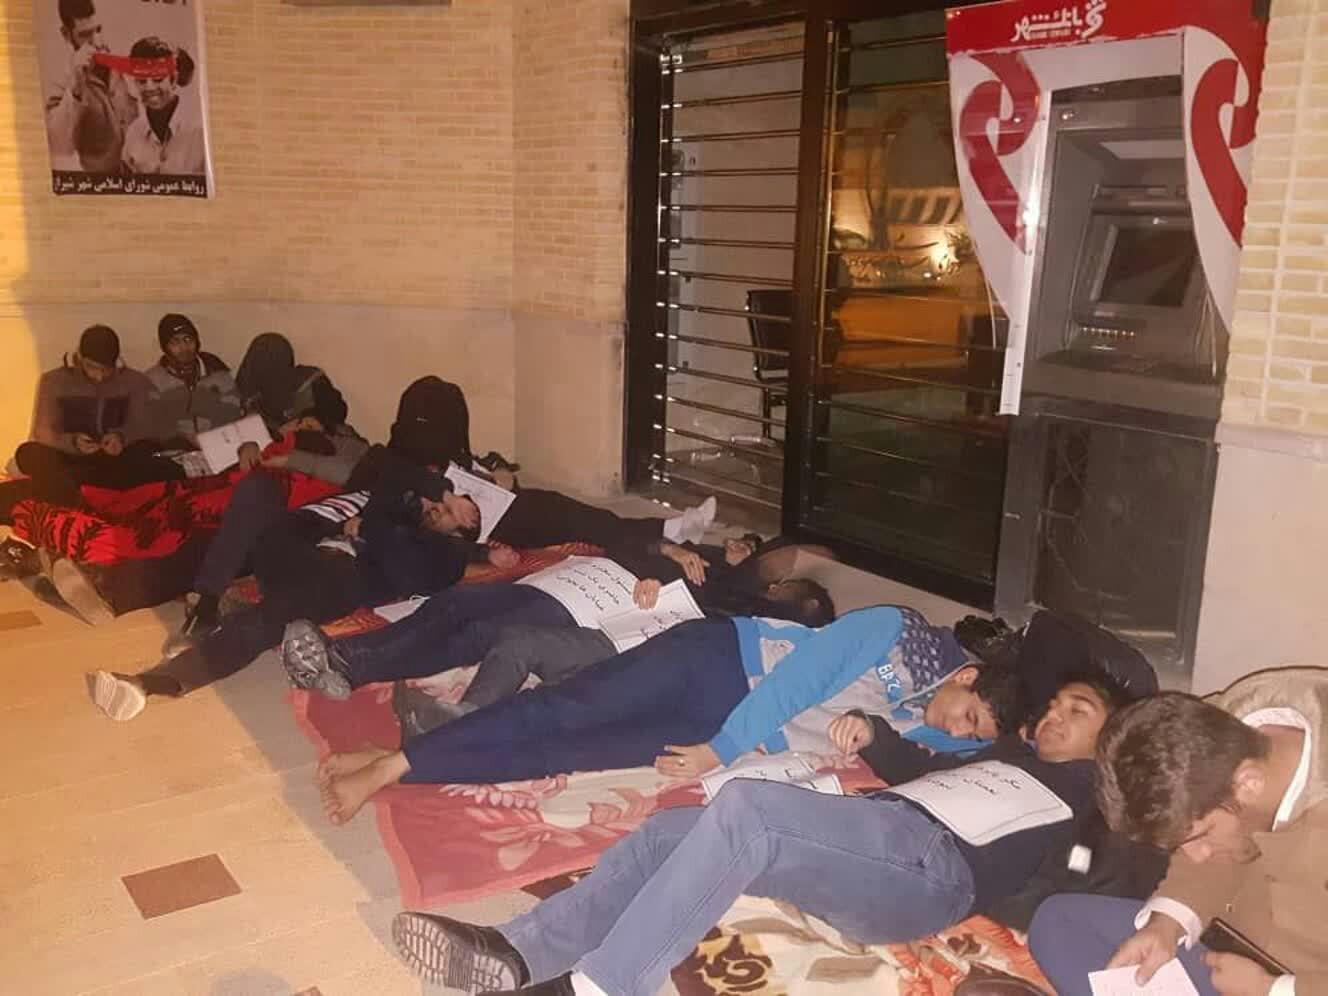 ماجرای درگیری خیابانی دانش آموزان در شیراز چه بود؟/ پرونده ا ...